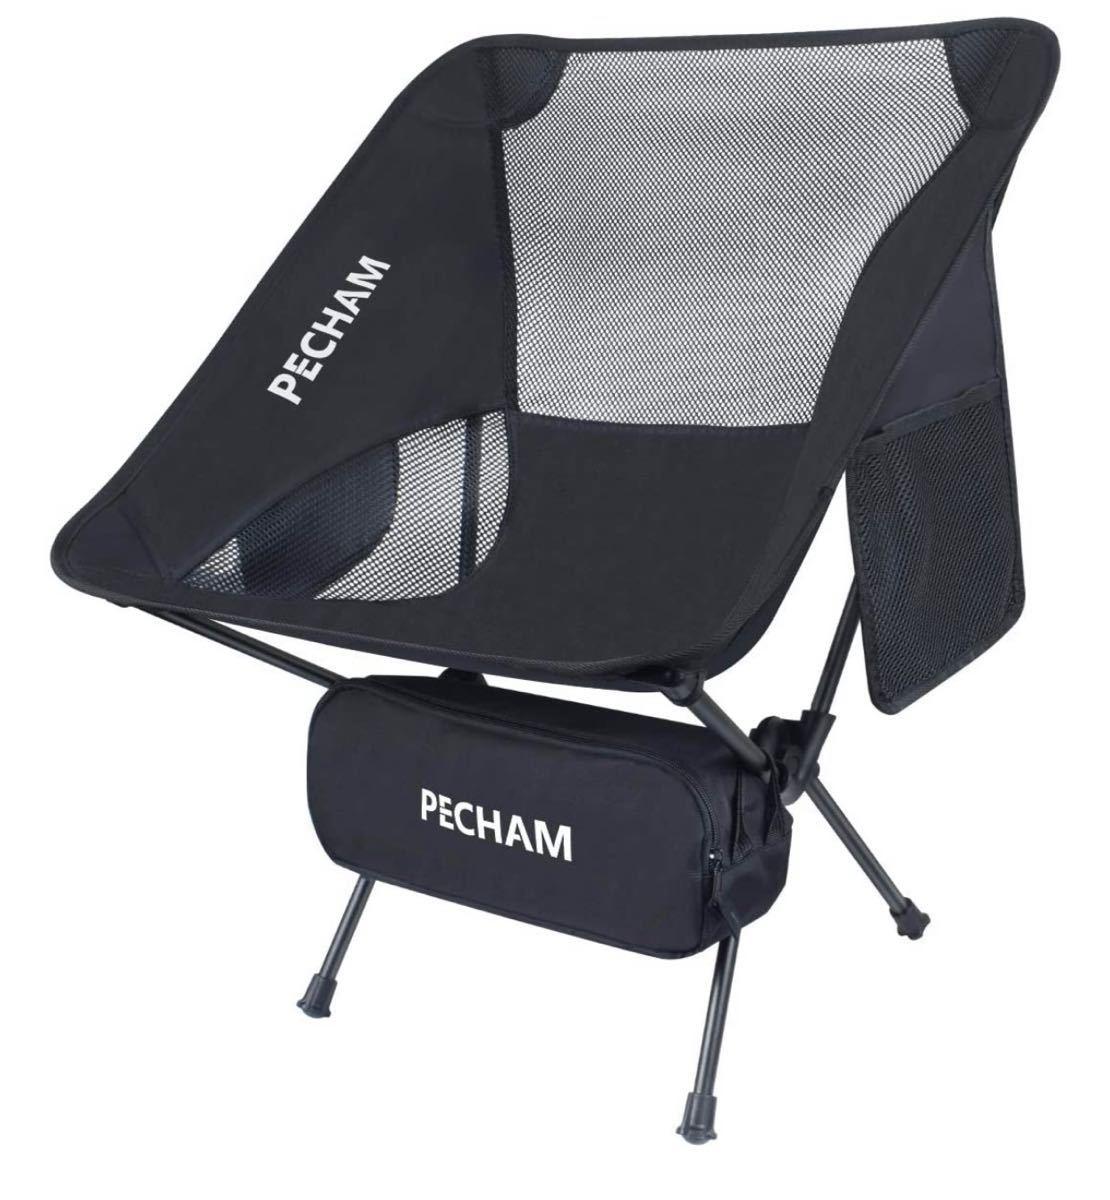 アウトドアチェア キャンプ椅子 折りたたみ より安定 コンパクト 超軽量 ハイキング お釣り 登山 耐荷重150kg